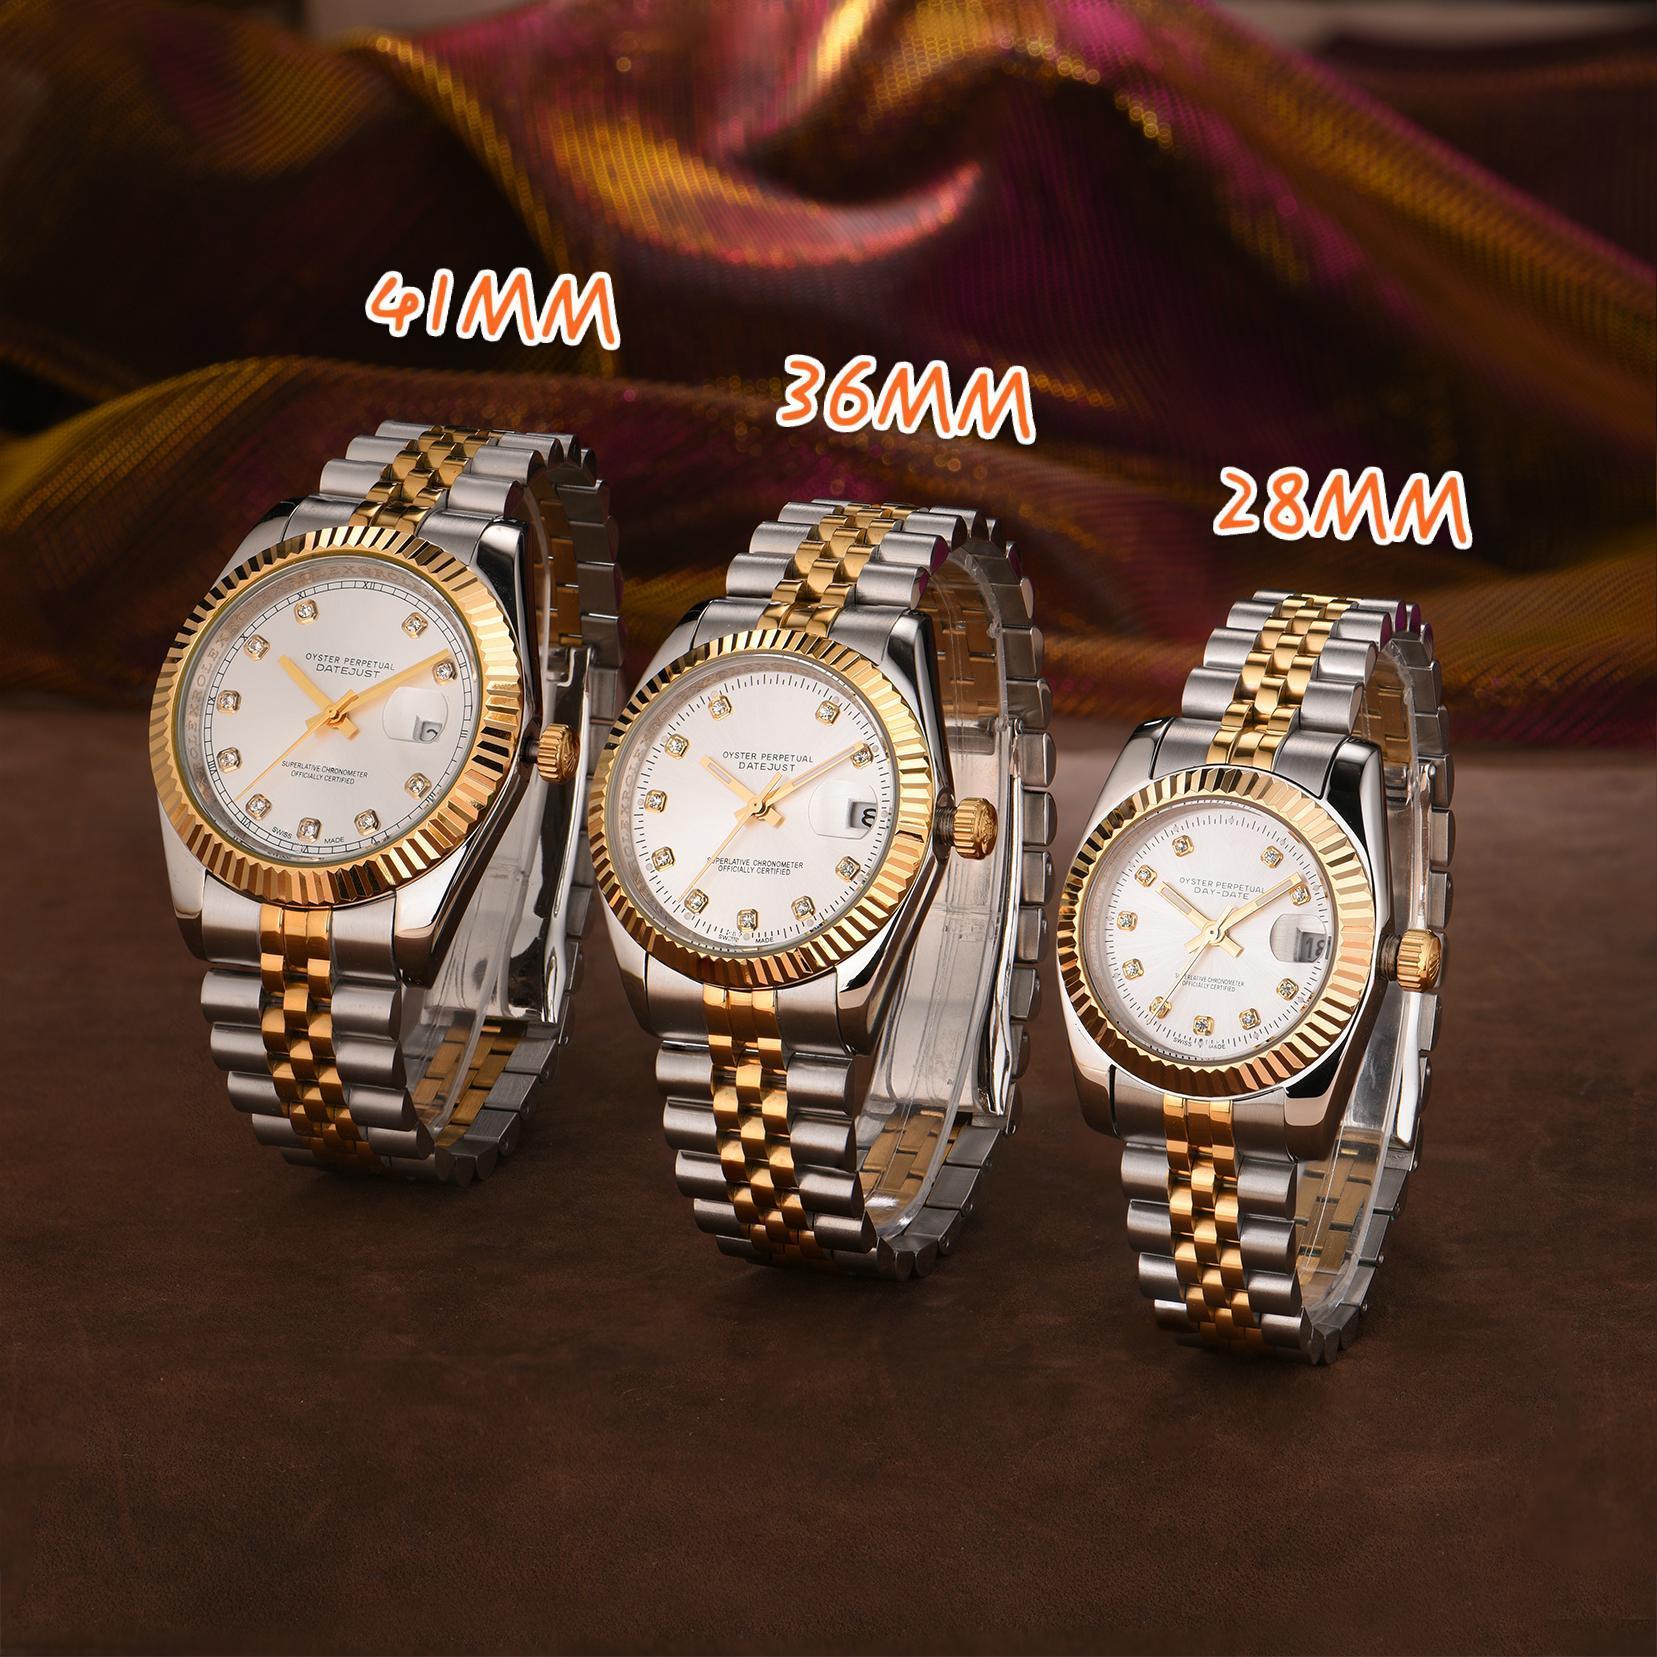 Nuova Montre de Luxe Mens Automatic Gold Watch Watch Donne Delle Donne Vestito pieno di acciaio inox Acciaio inossidabile Waterproof Style Couples Style Classic Orologi classici